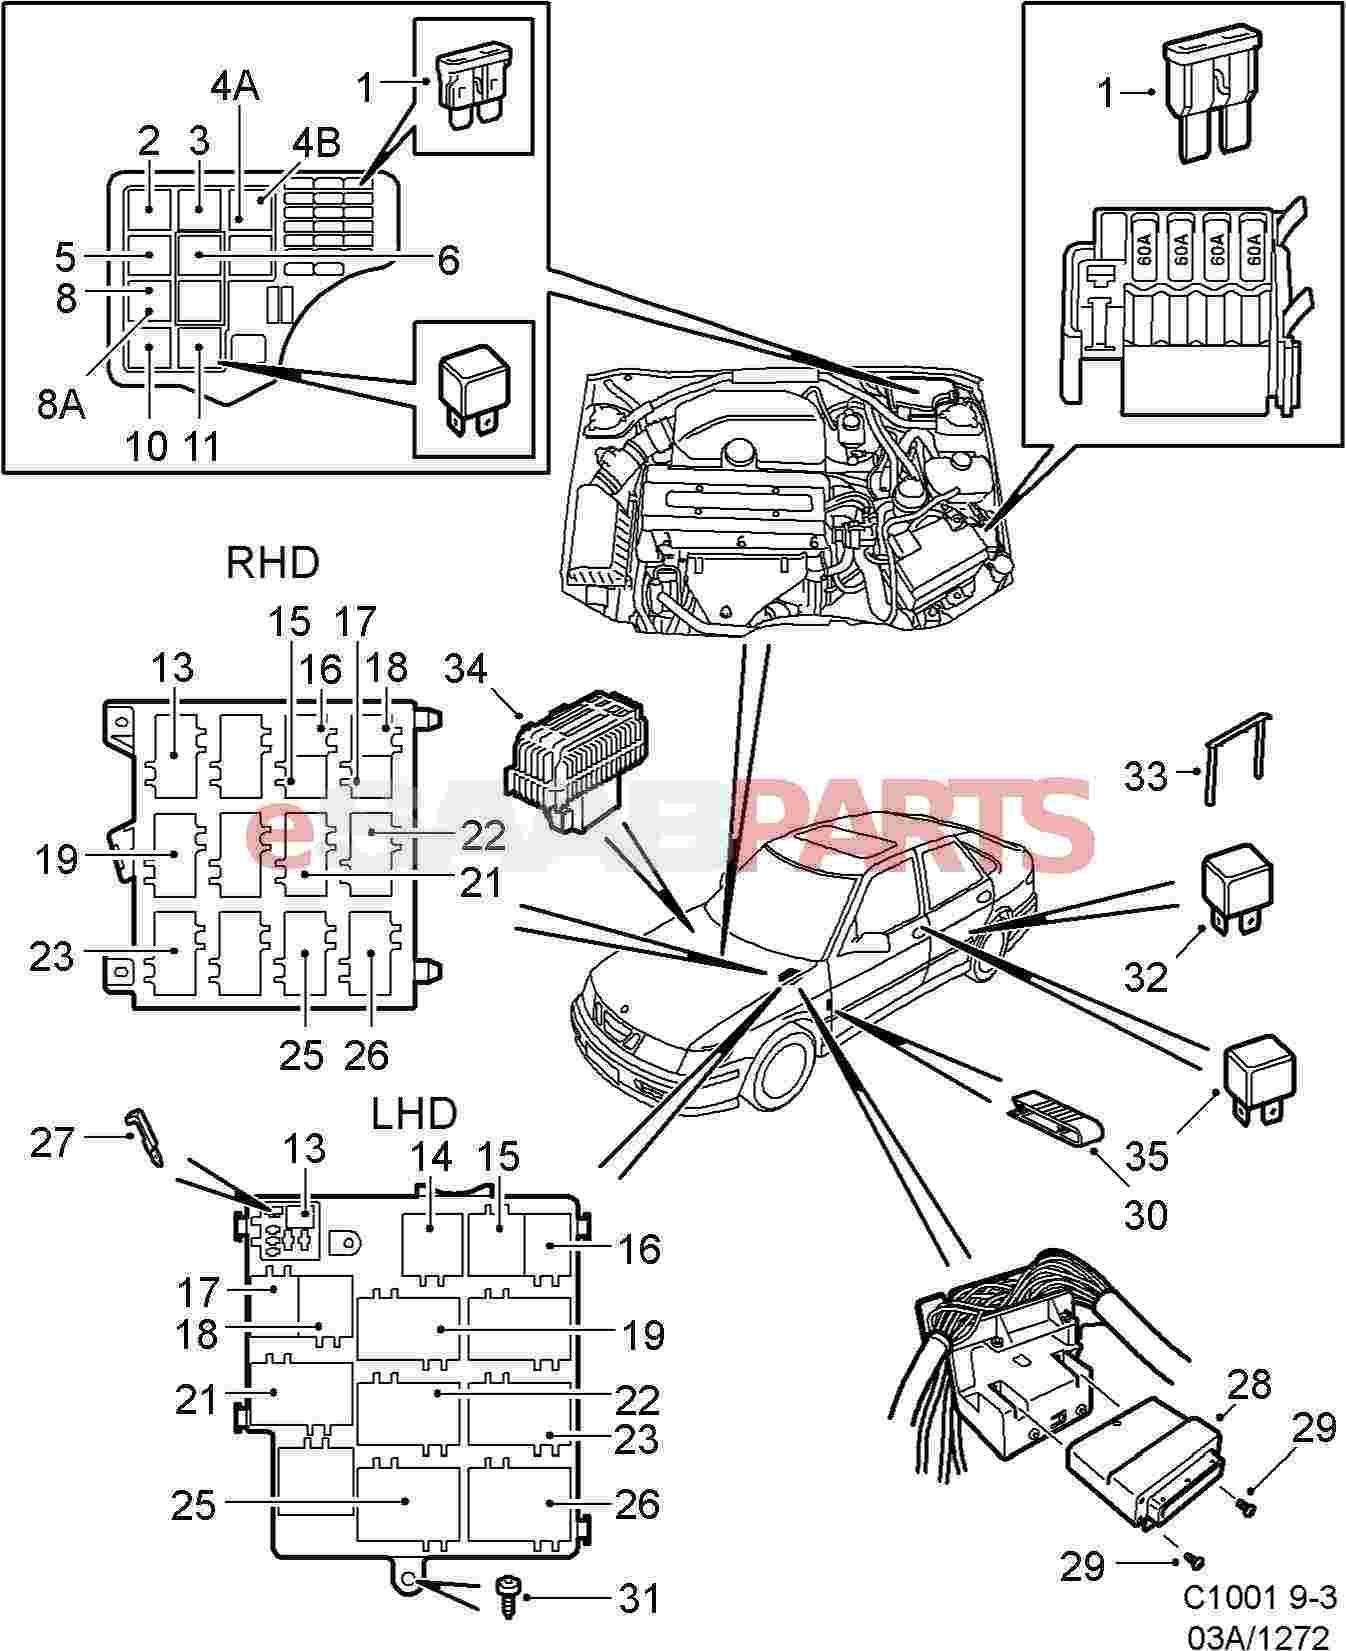 hight resolution of  1999 saab 93 fuse box genuine saab parts from esaabparts com